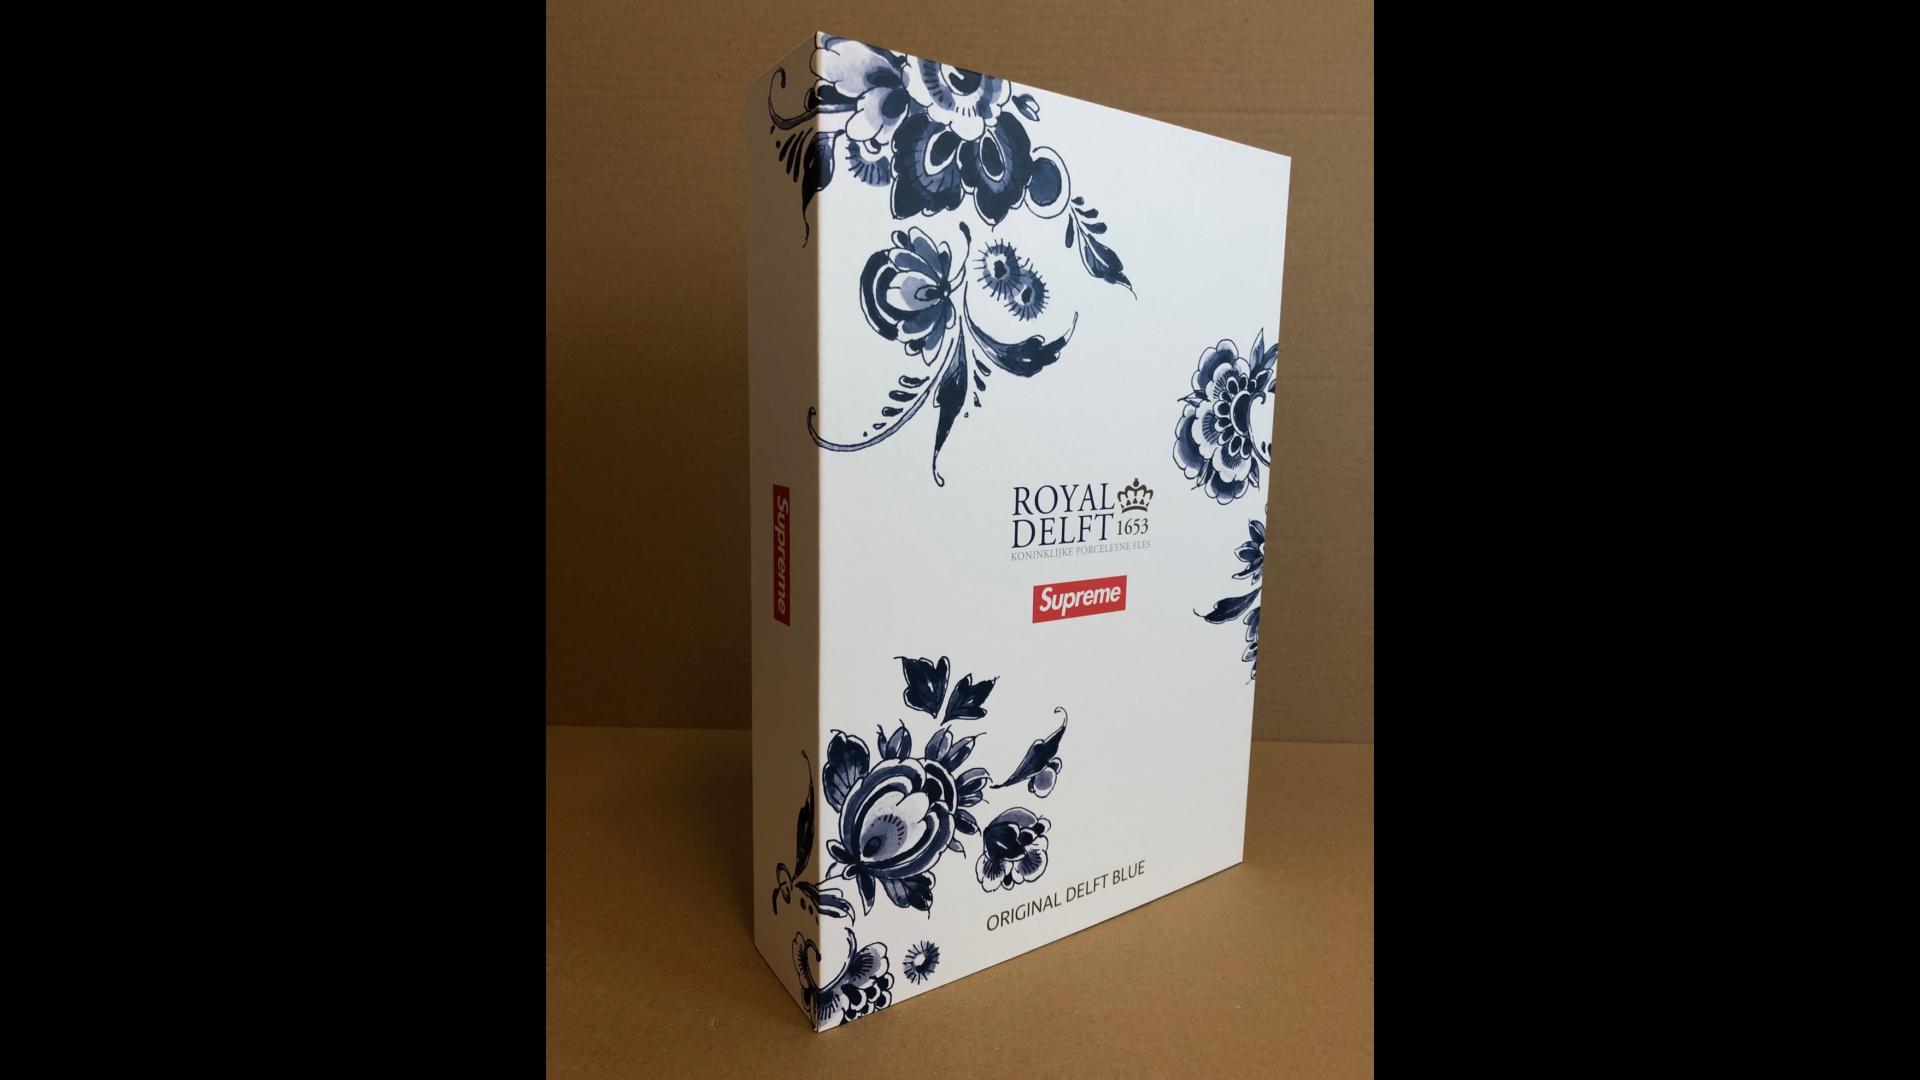 Luxe verpakking voor Royal Delft & Supreme